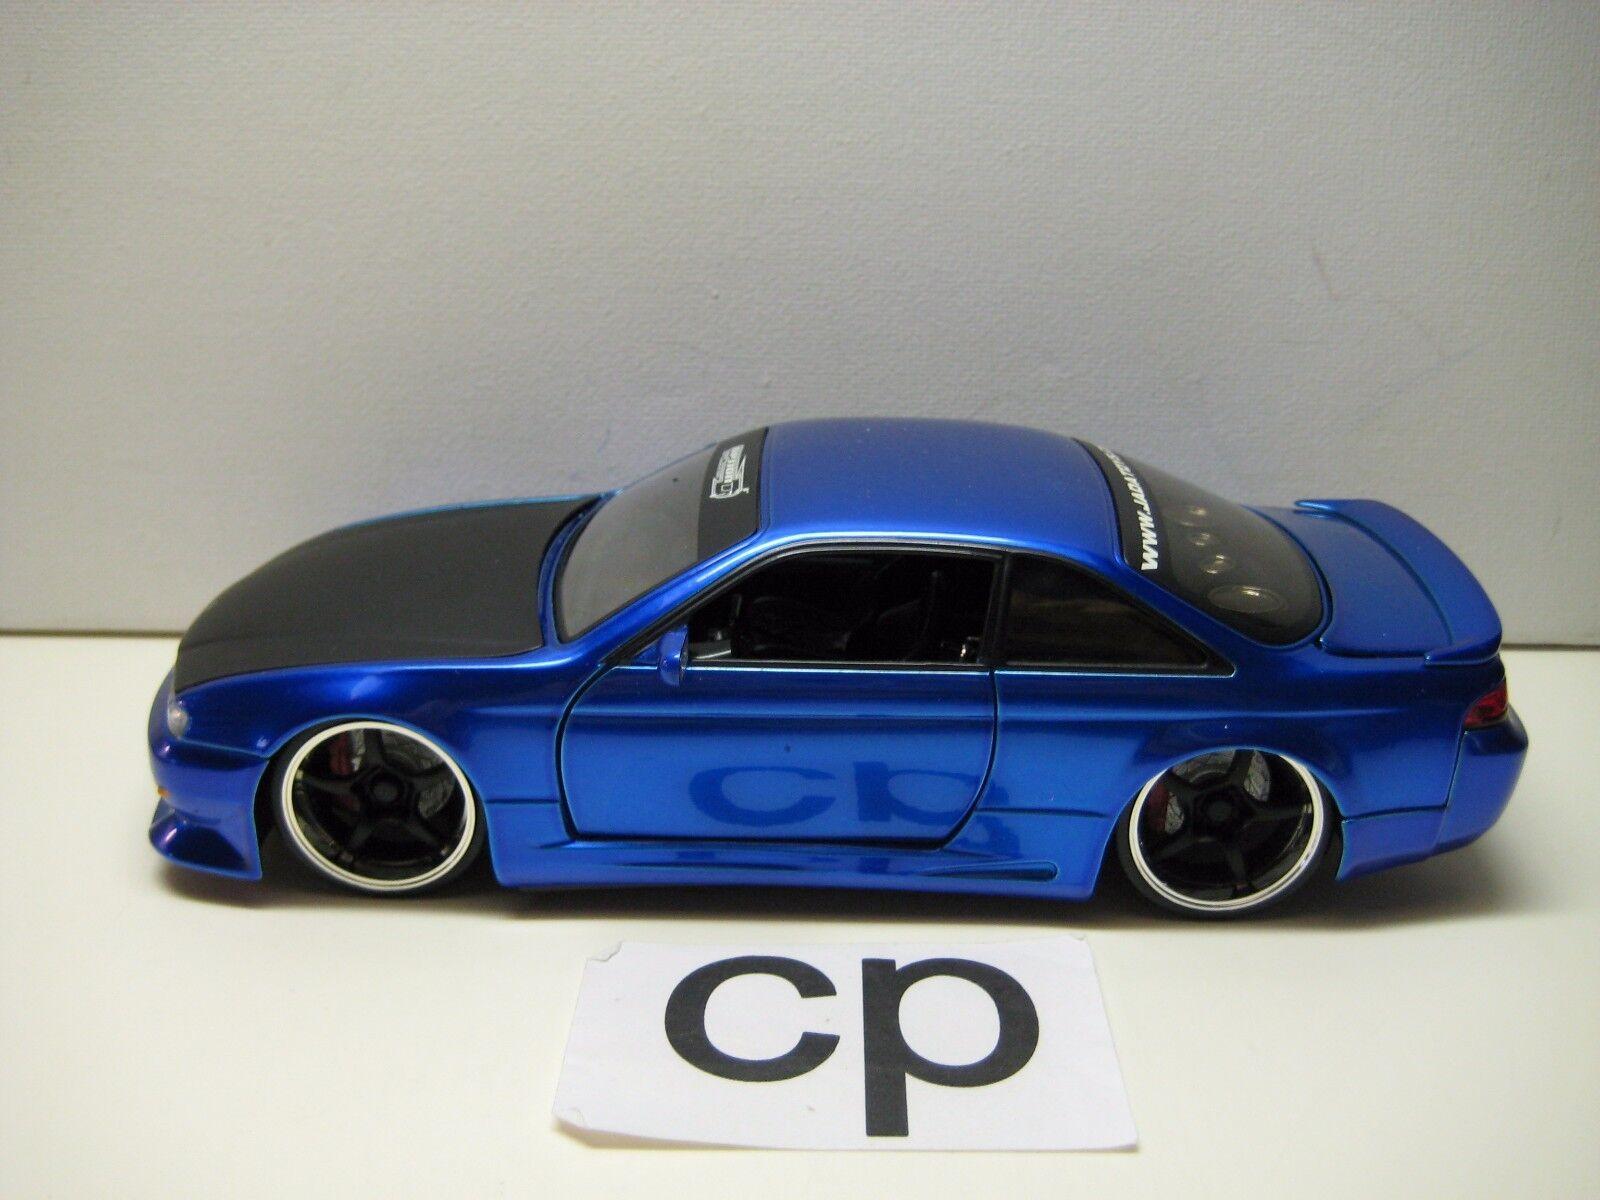 Jada option d 1998 nissan 240sx s 14 24 blaue autos jada spielzeug